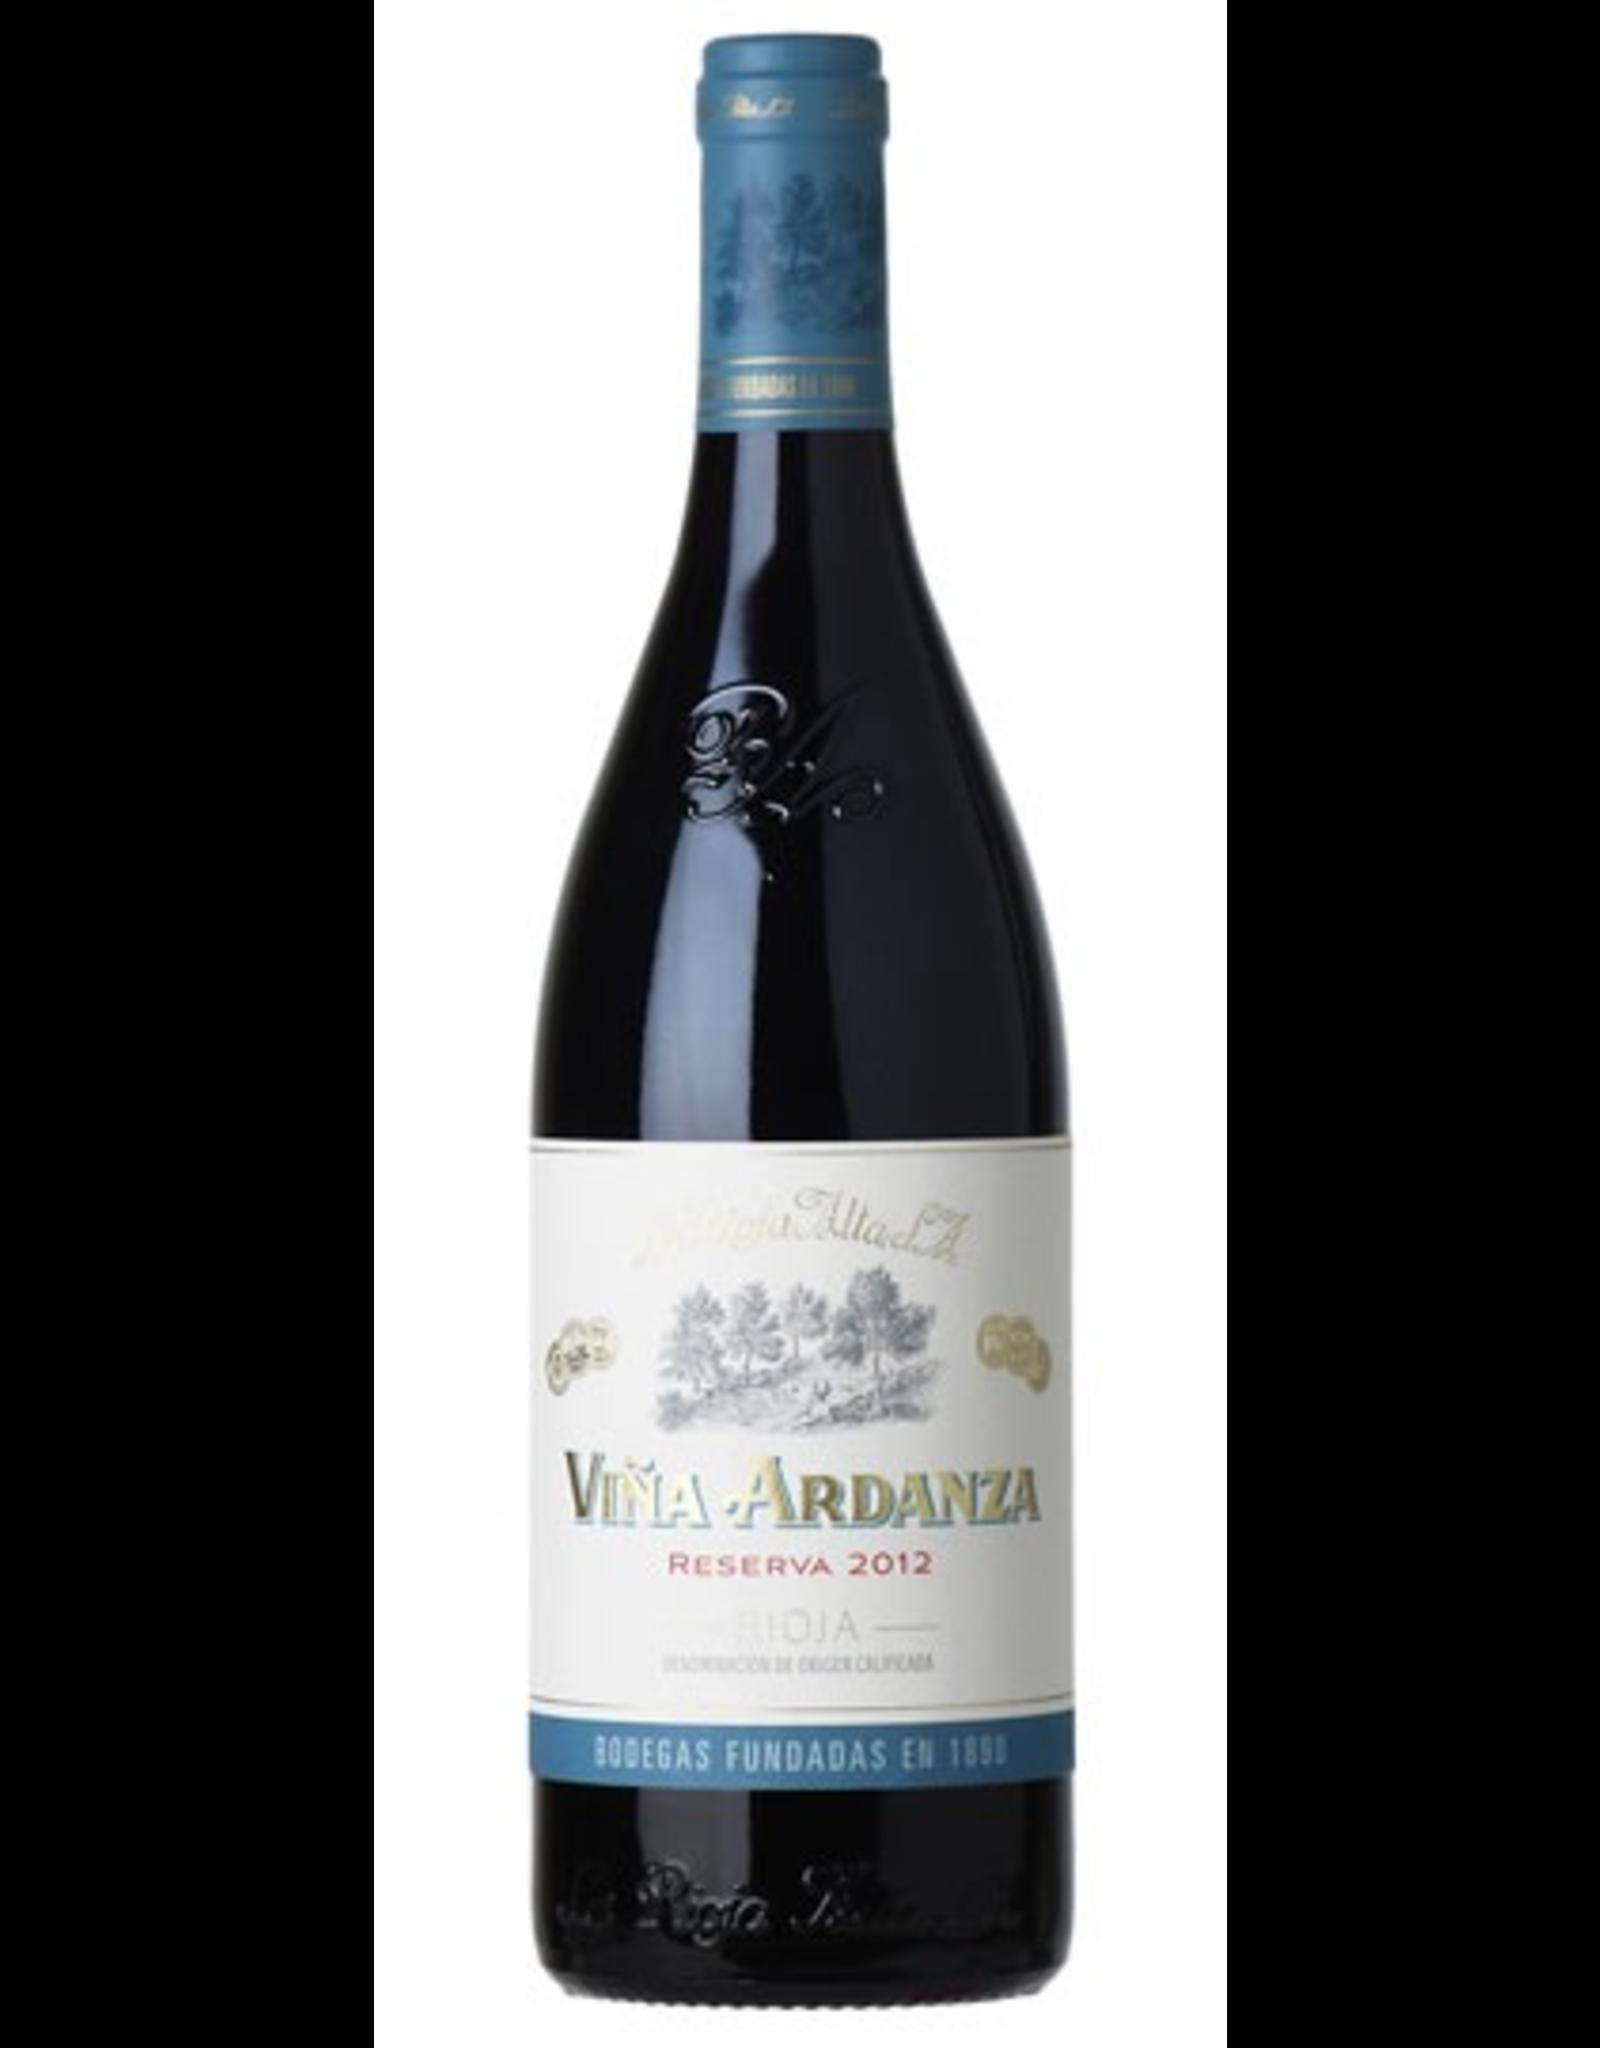 Red Wine 2012, La Rioja Alta Vina Ardanza, S.A. Reserva Rioja, Red Tempranillo Blend, Haro, Rioja, Spain, 13.5% Alc, CTnr